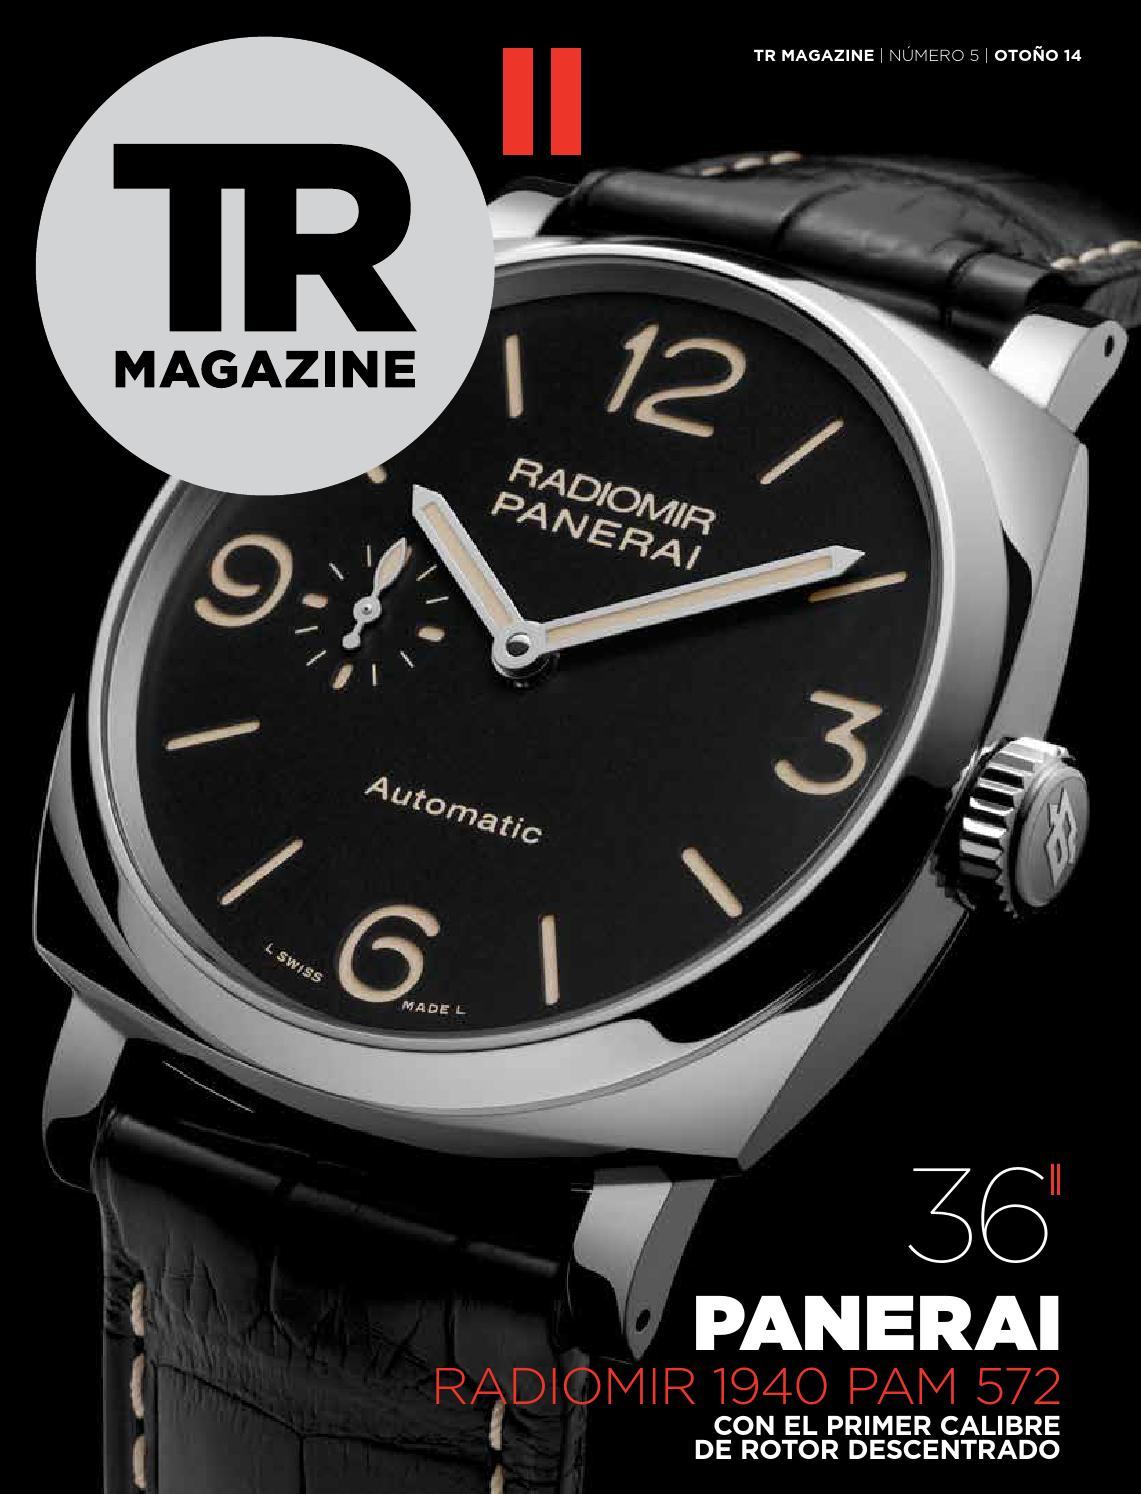 2c54d9c8ecec Tr magazine numero 5 by Ed-Tourbillon.Spain - issuu